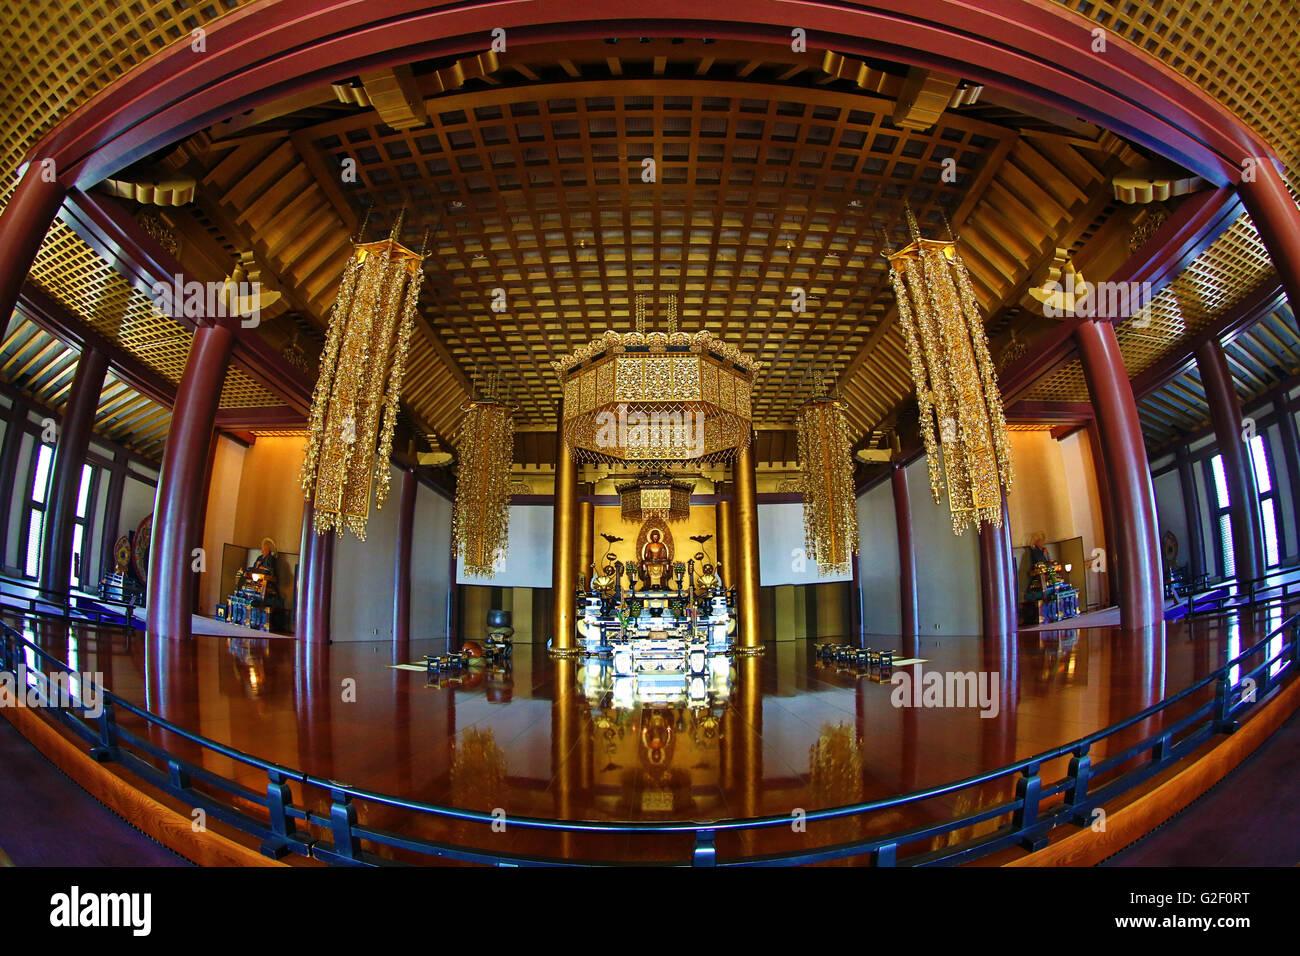 Intérieur de l'Daiden (Hondo) la salle principale du Temple Zojoji à Tokyo, Japon Photo Stock